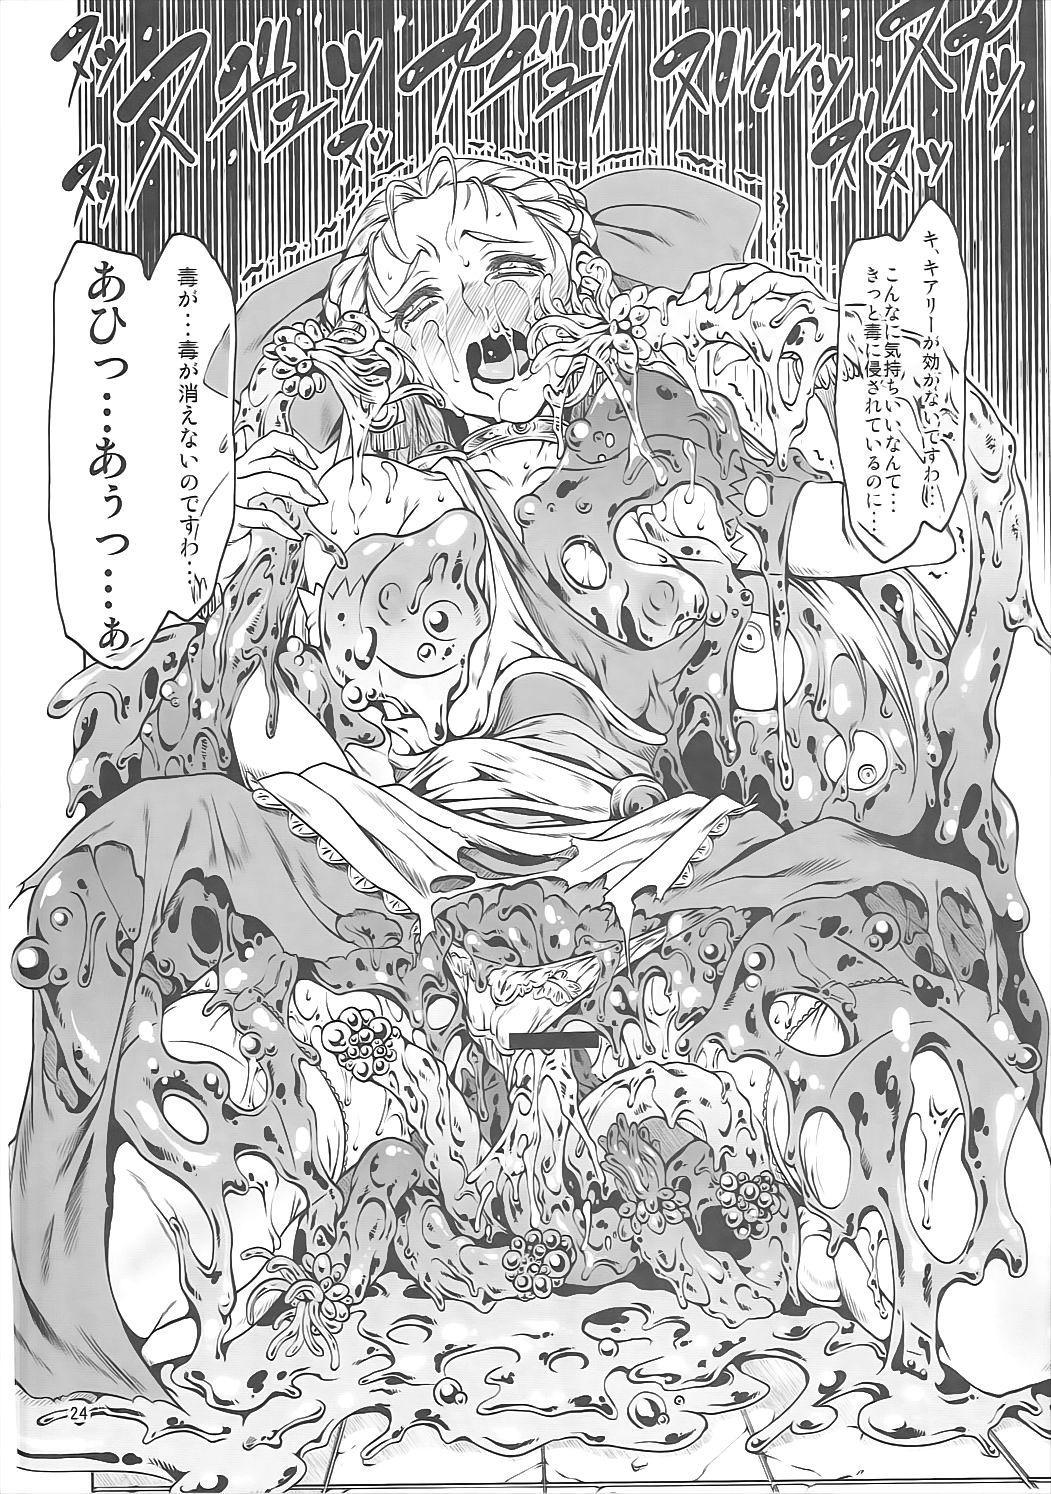 FD Vol. 5 22